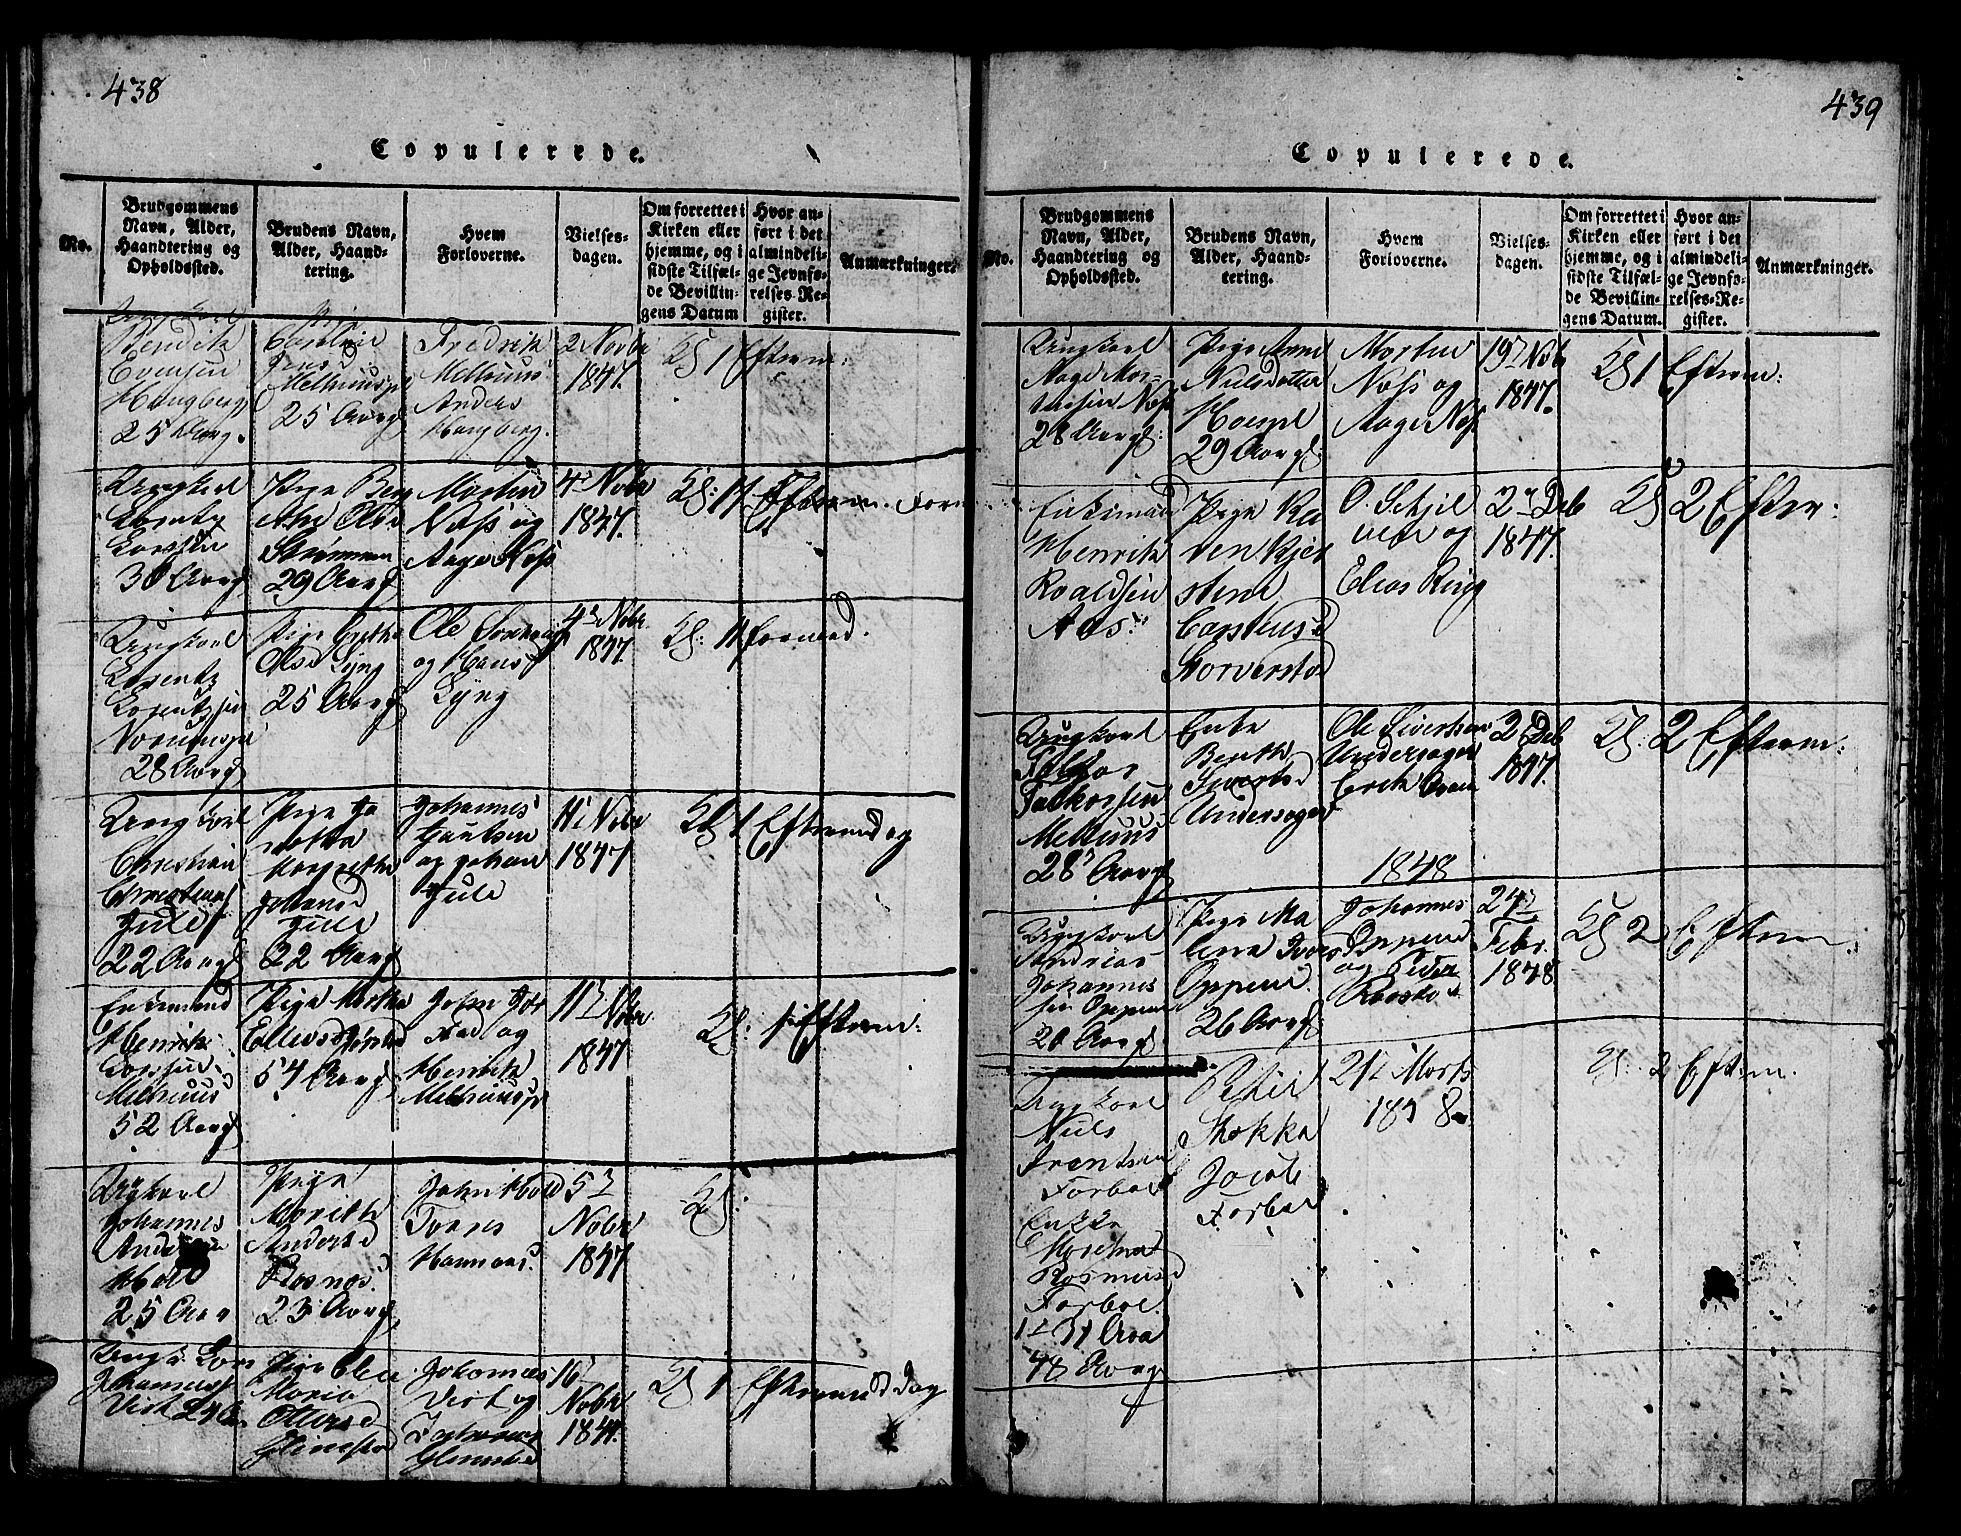 SAT, Ministerialprotokoller, klokkerbøker og fødselsregistre - Nord-Trøndelag, 730/L0298: Klokkerbok nr. 730C01, 1816-1849, s. 438-439